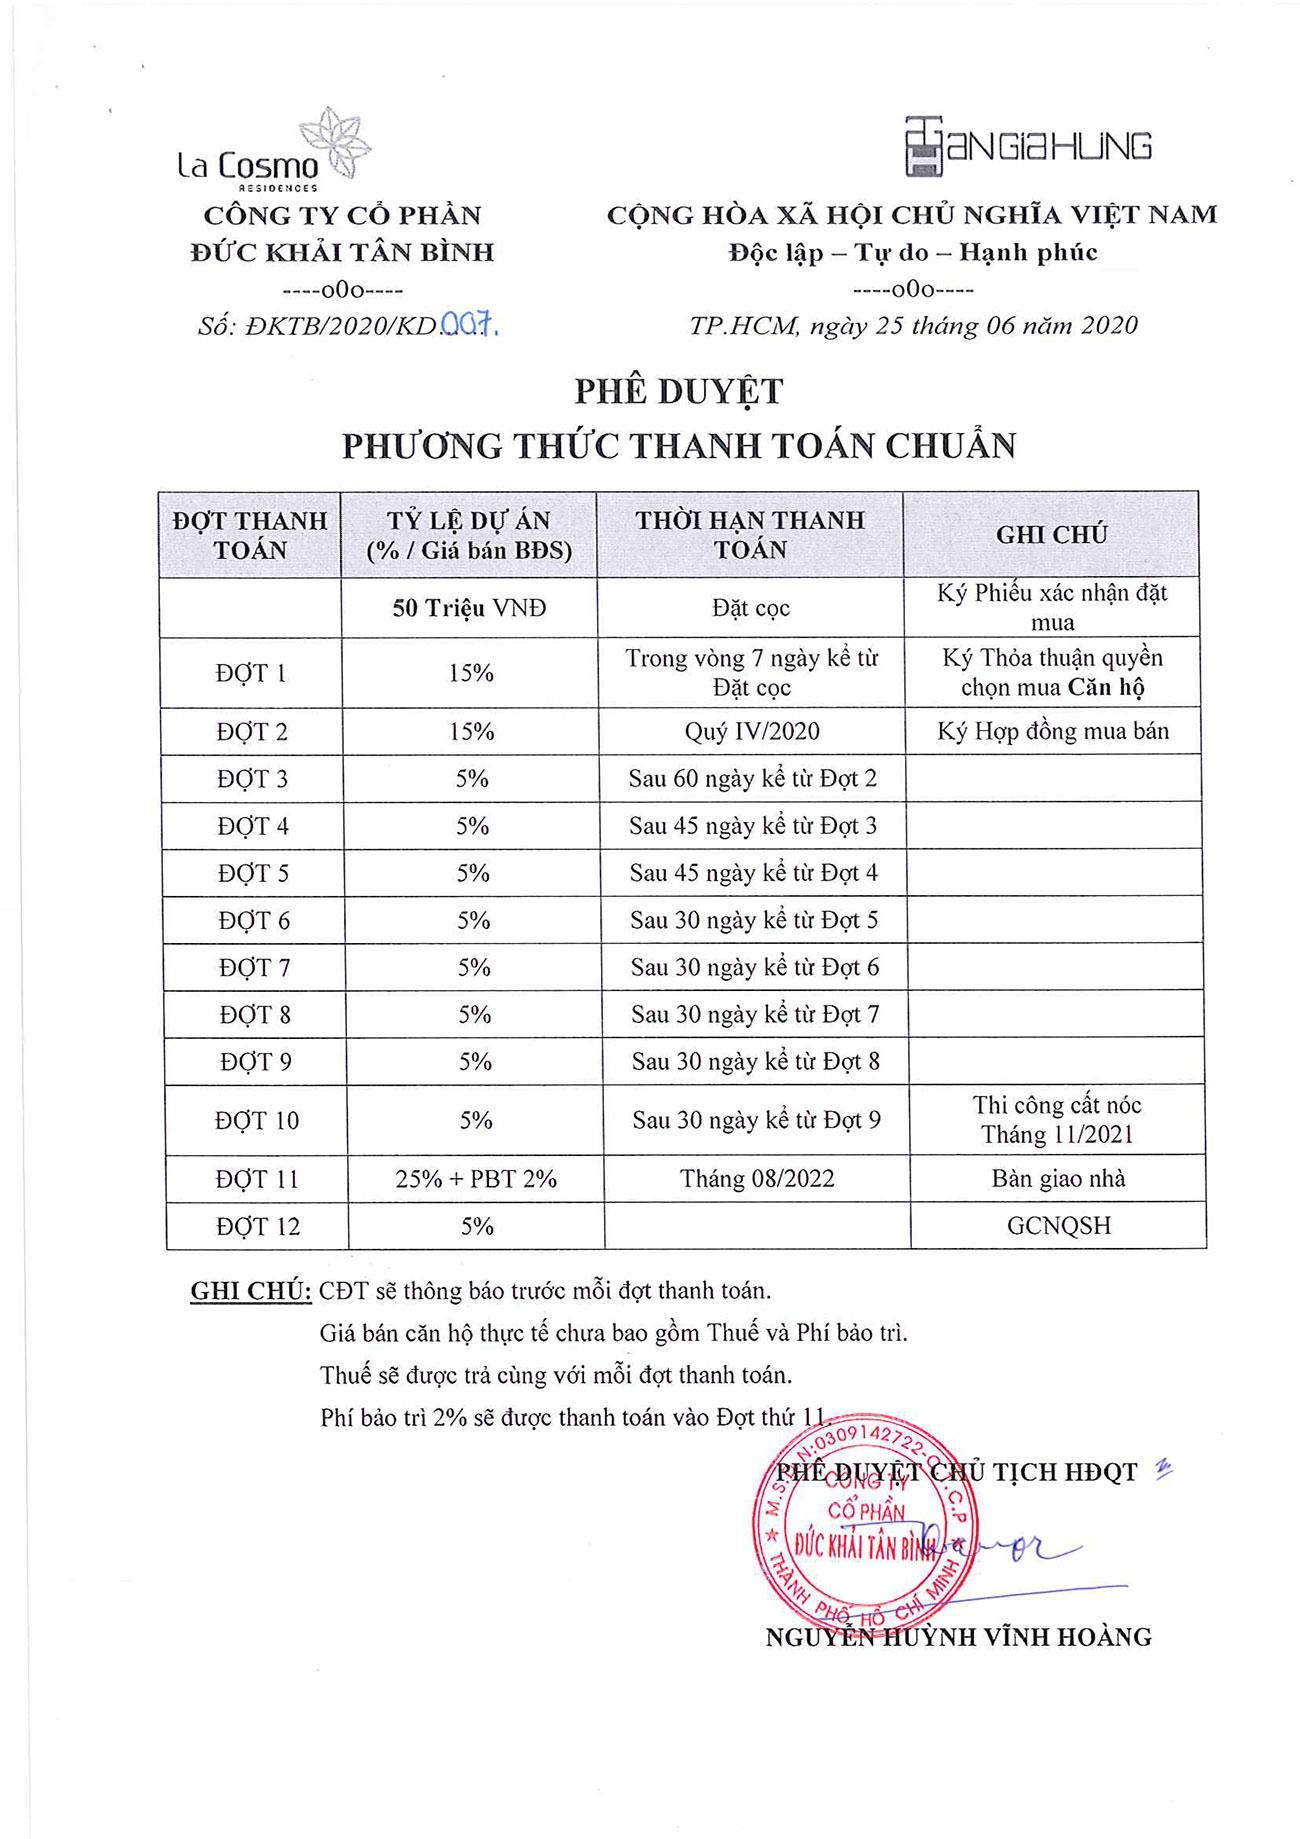 Phương thức thanh toán dự án căn hộ chung cư La Cosmo Residences Quận Tân Bình Đường Hoàng Văn Thụ chủ đầu tư An Gia Hưng